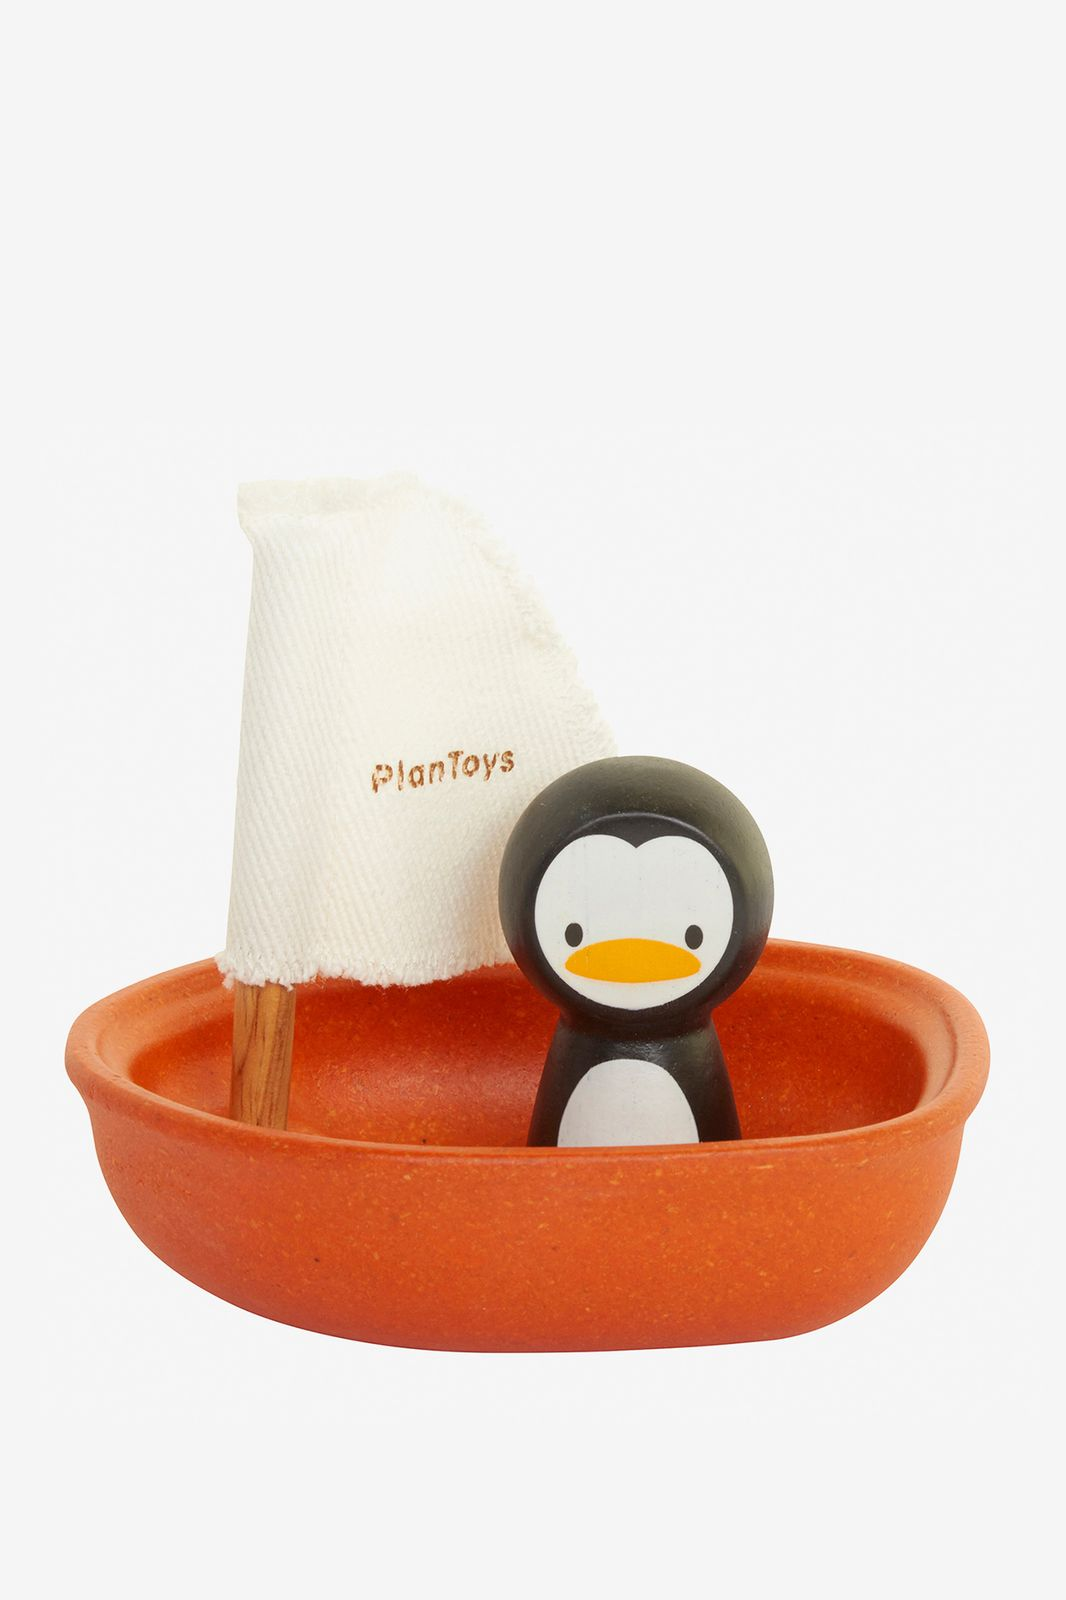 Plantoys Zeilboot met pinguïn - Homeland | Sissy-Boy